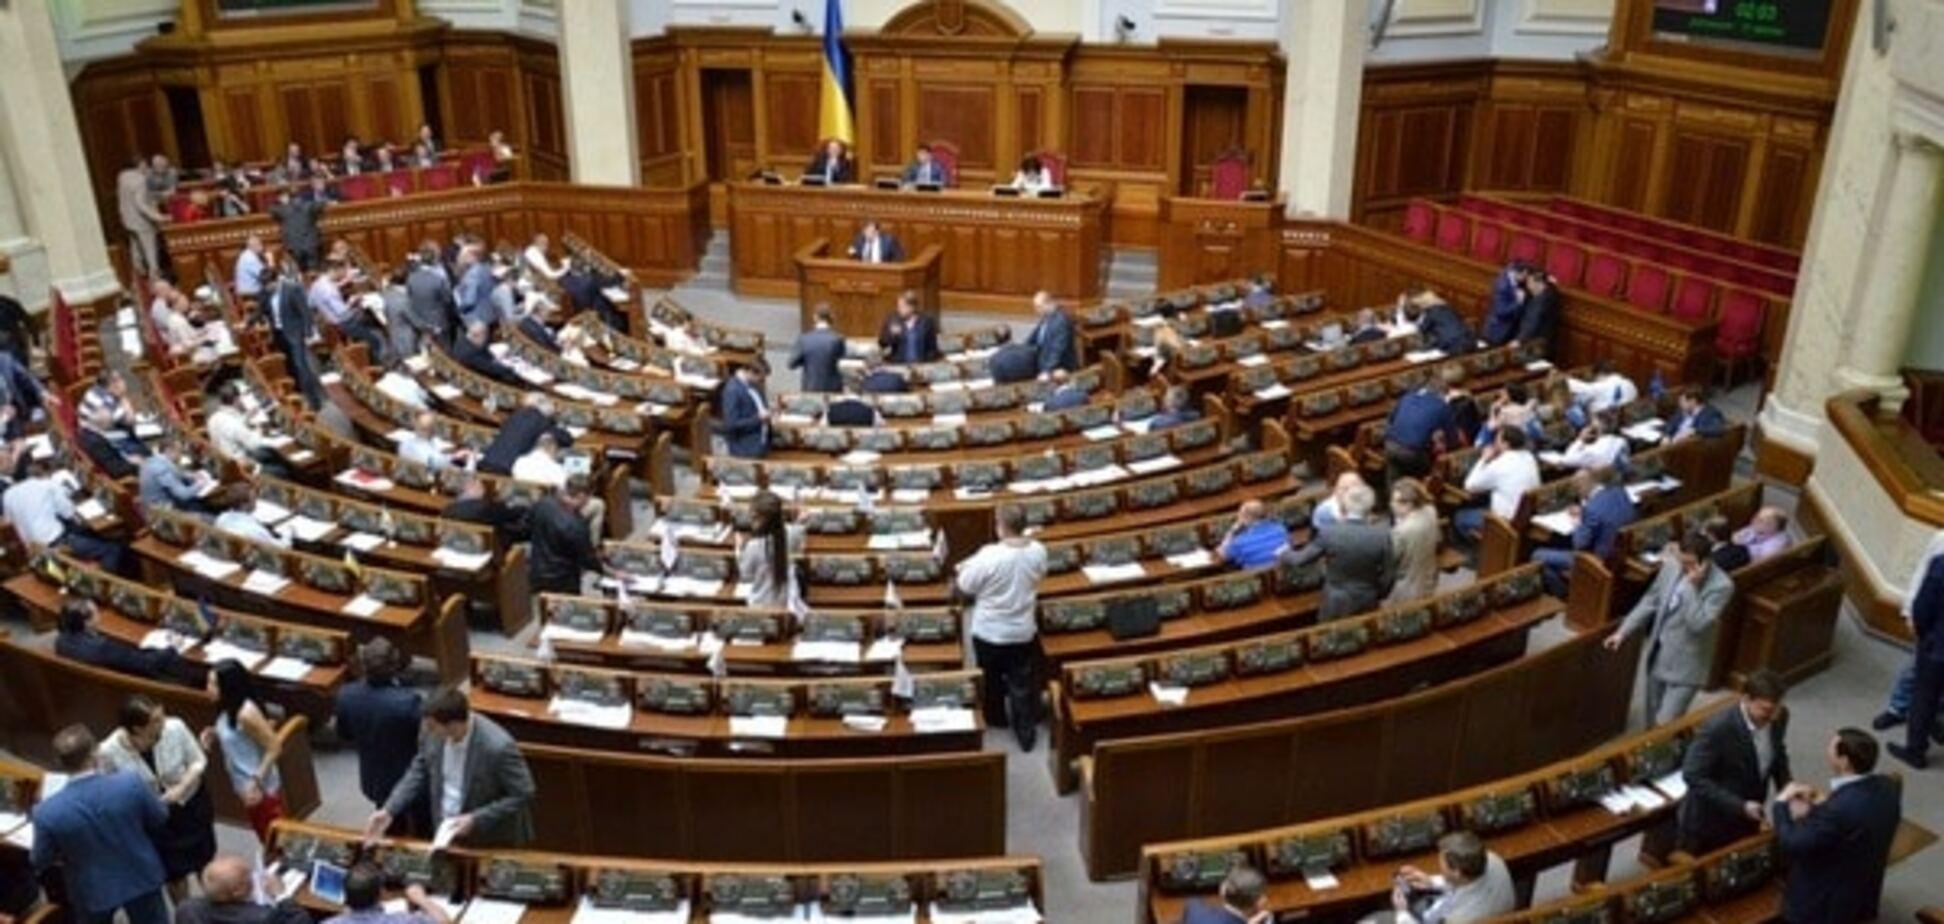 Эксперт: парламентские тушки в основном - 'одноразовые'